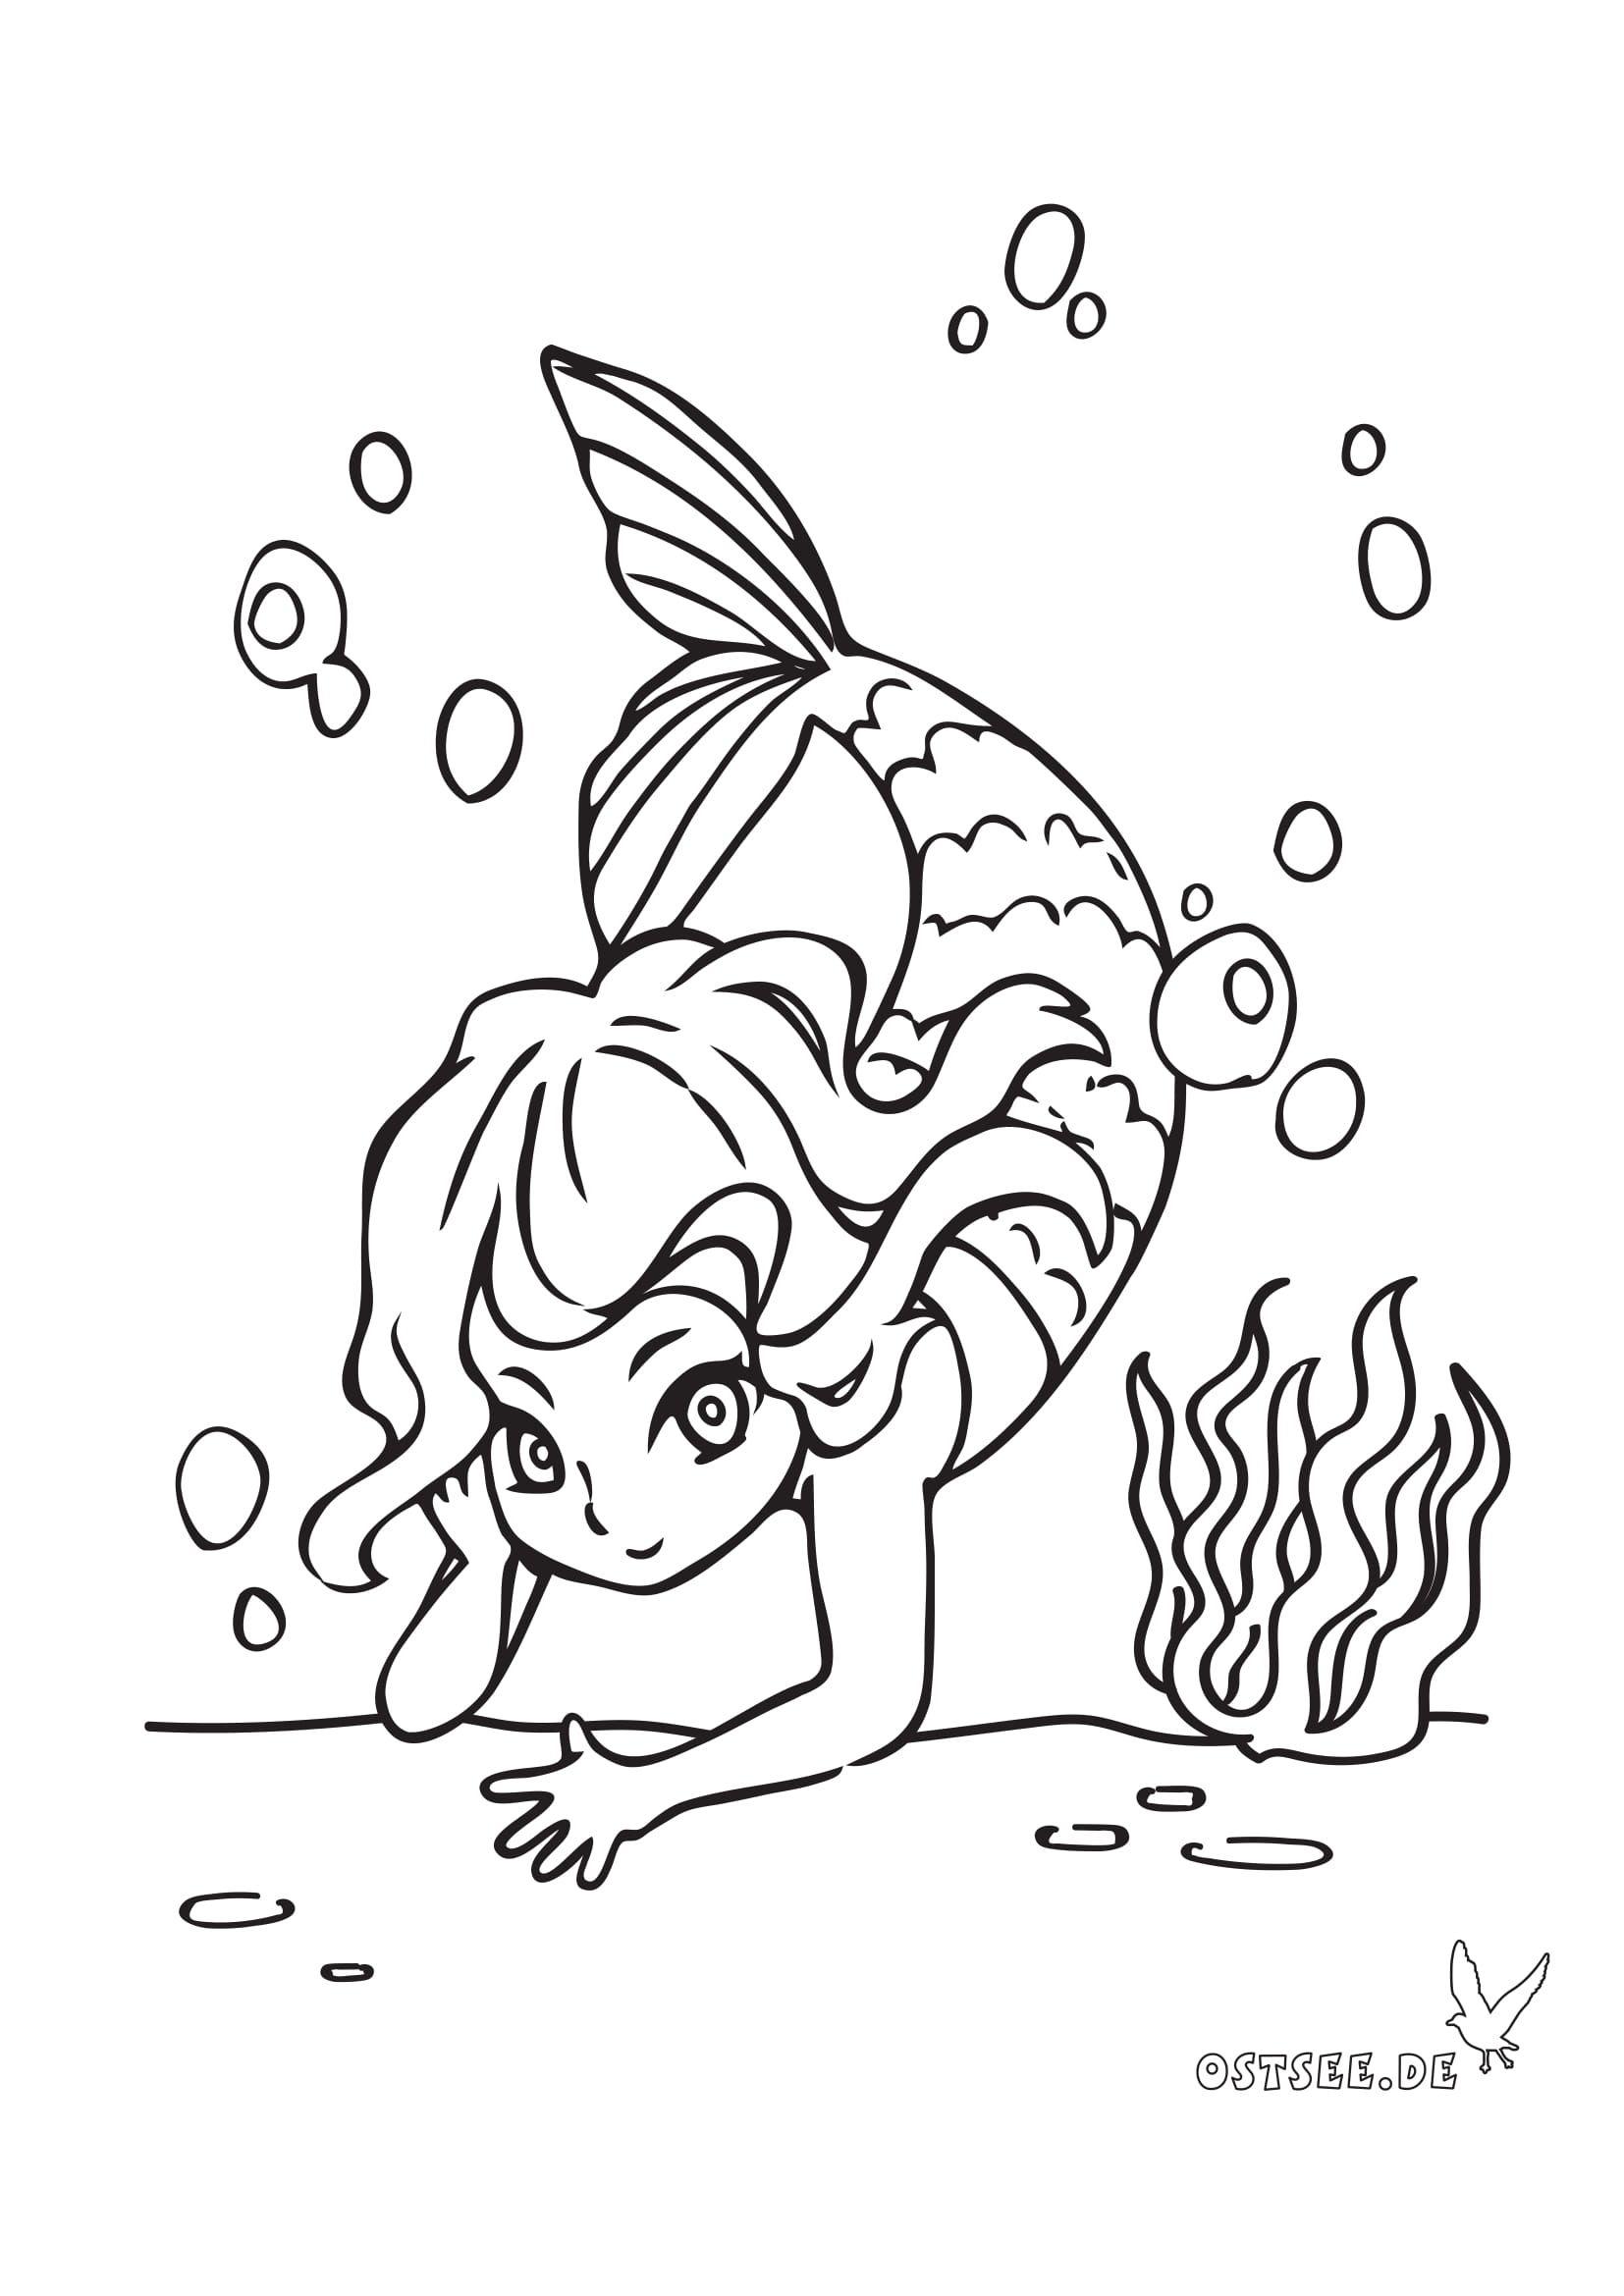 malvorlage meerjungfrau  kinderbilderdownload